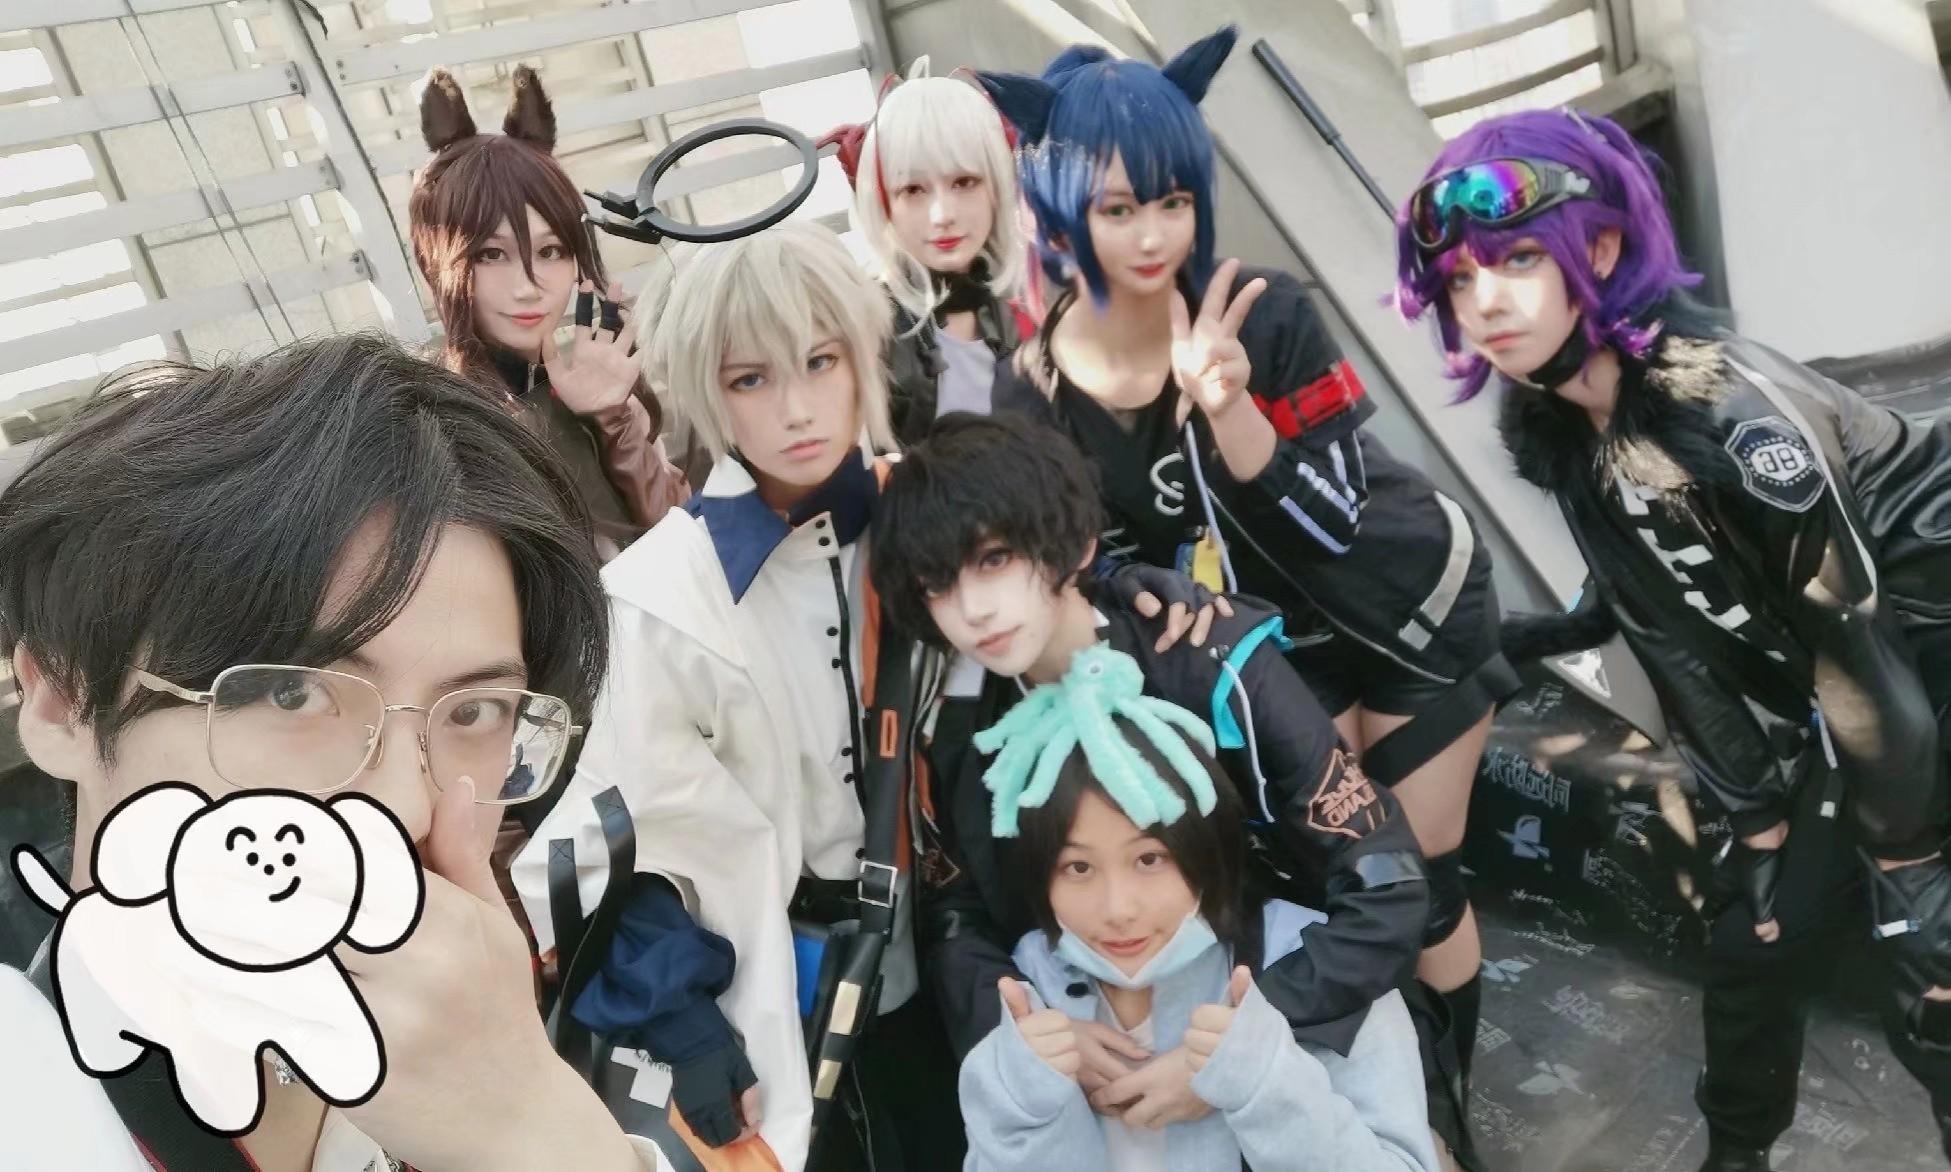 《明日方舟》表情包cosplay【CN:令和废物飘大炮】-第3张